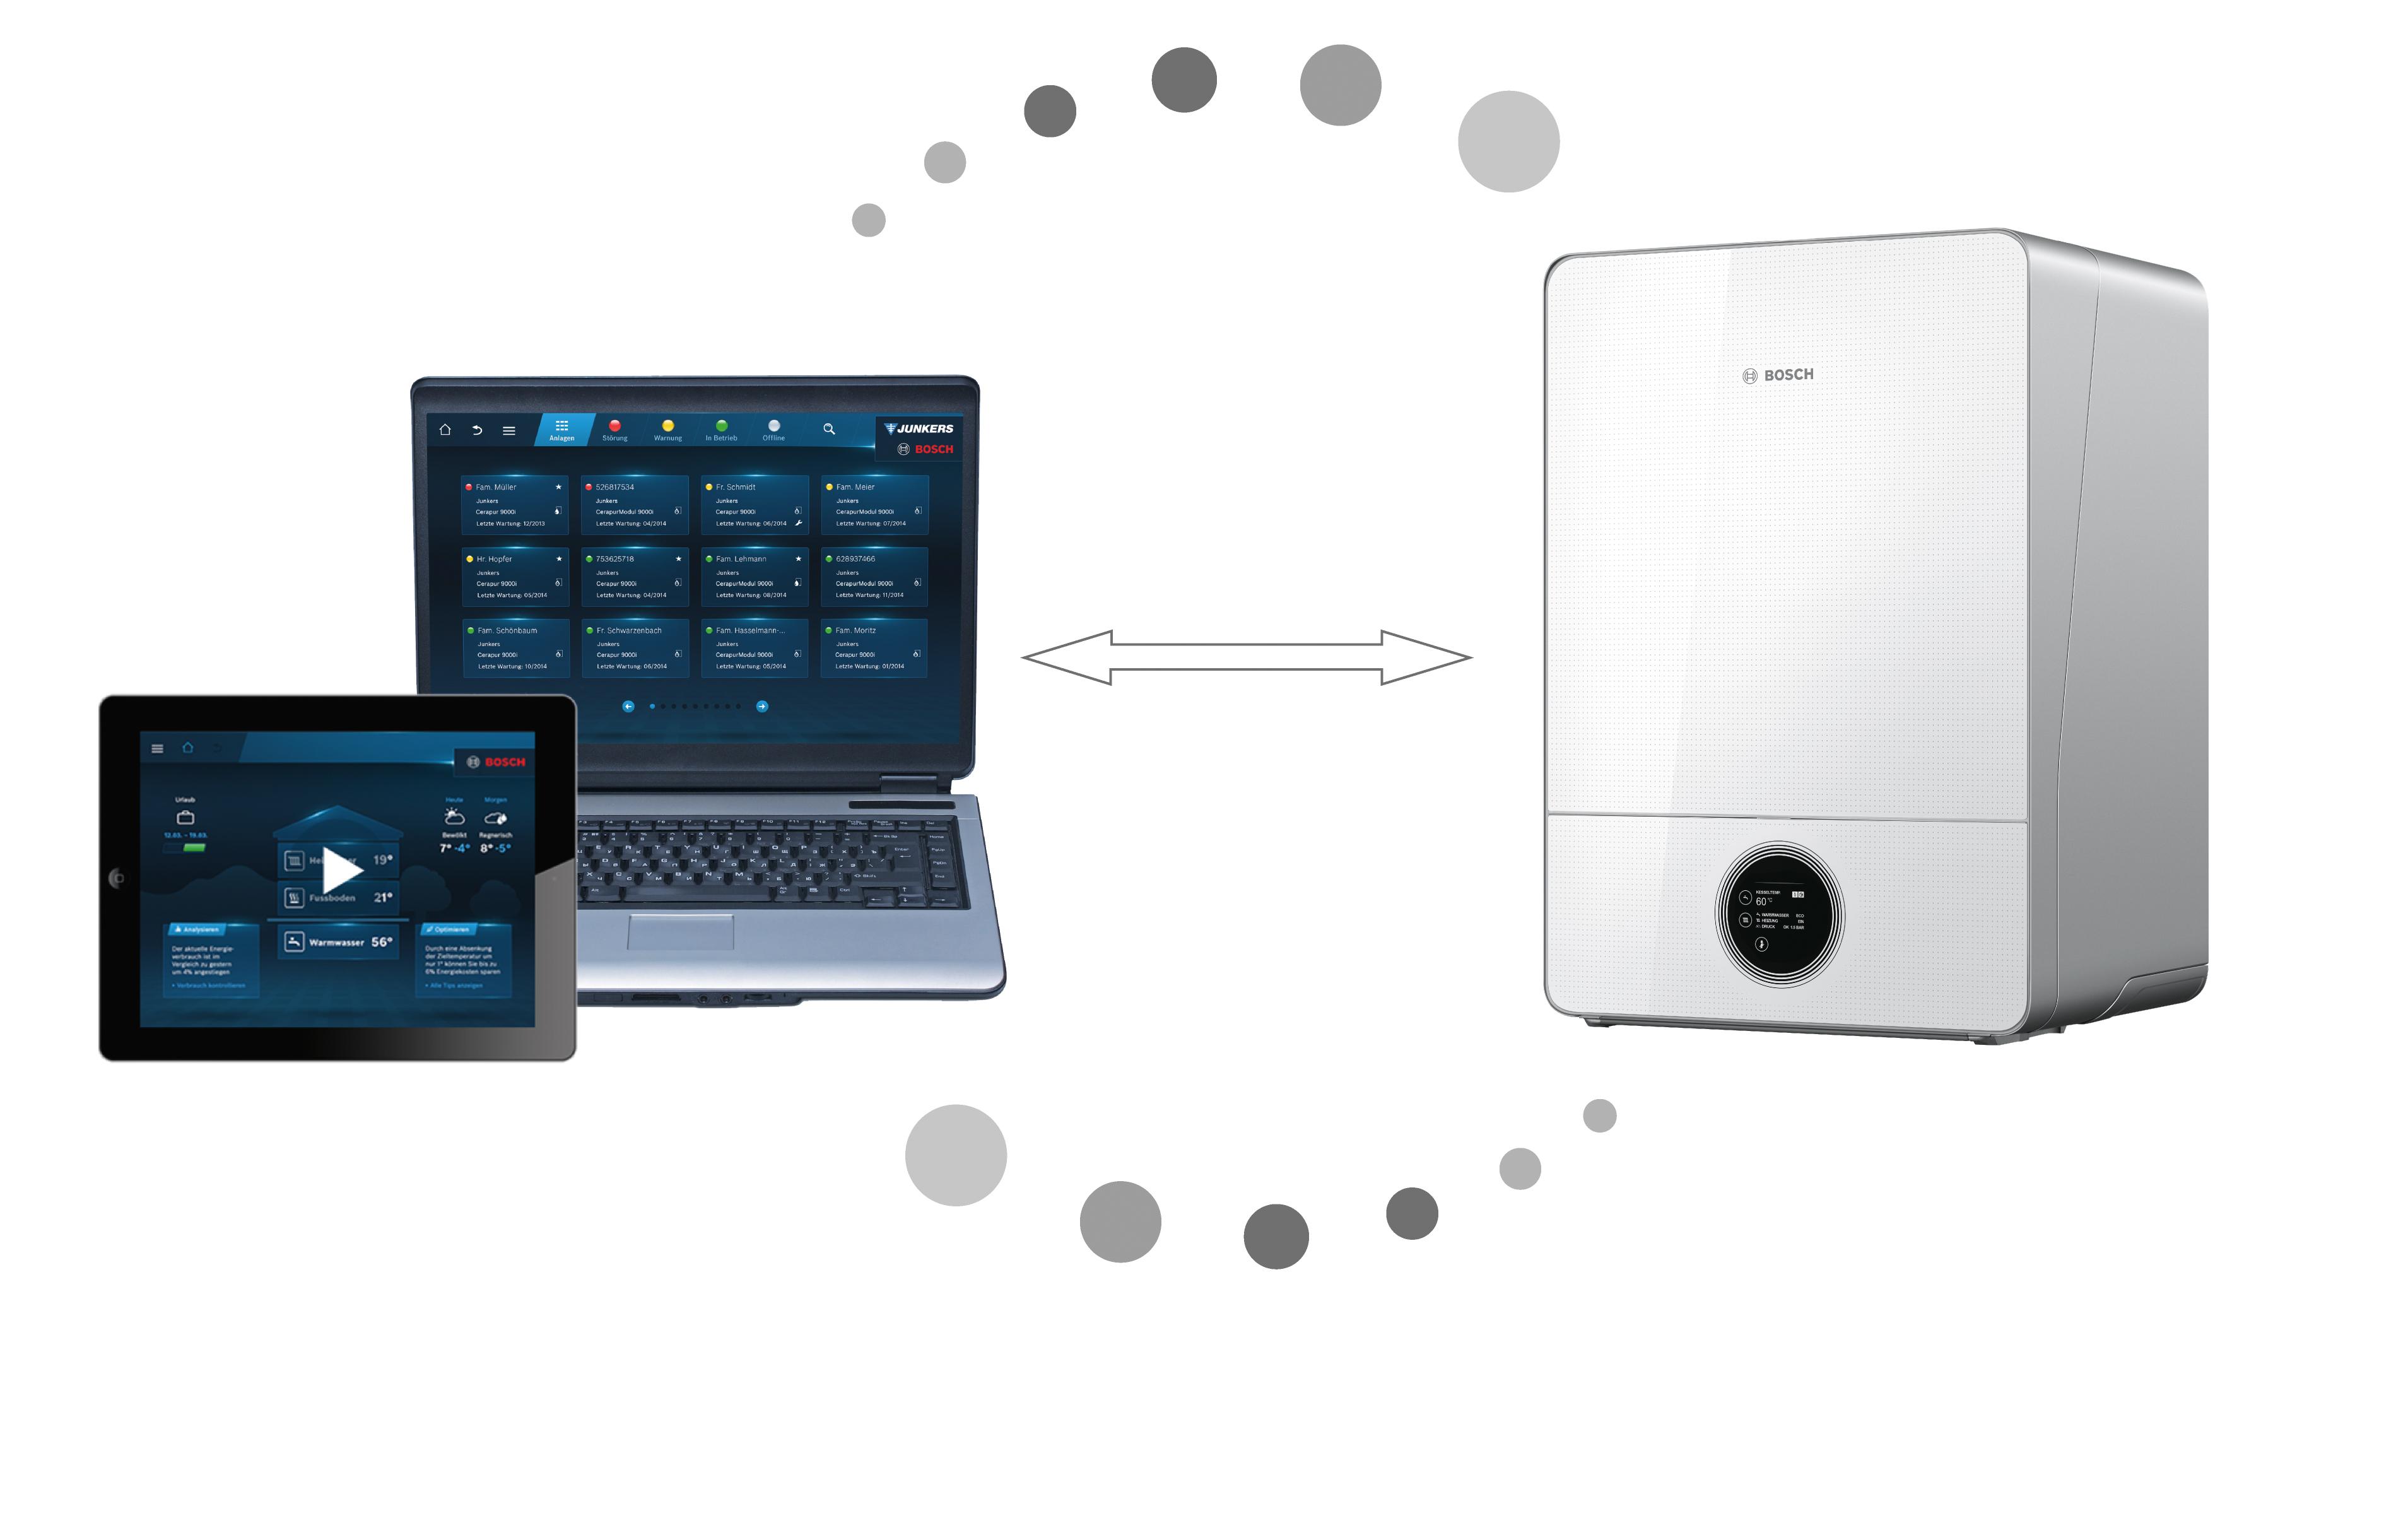 Auch in der Thermotechnik zeigt sich ein starker Trend zur Vernetzung von Produkten und Services.